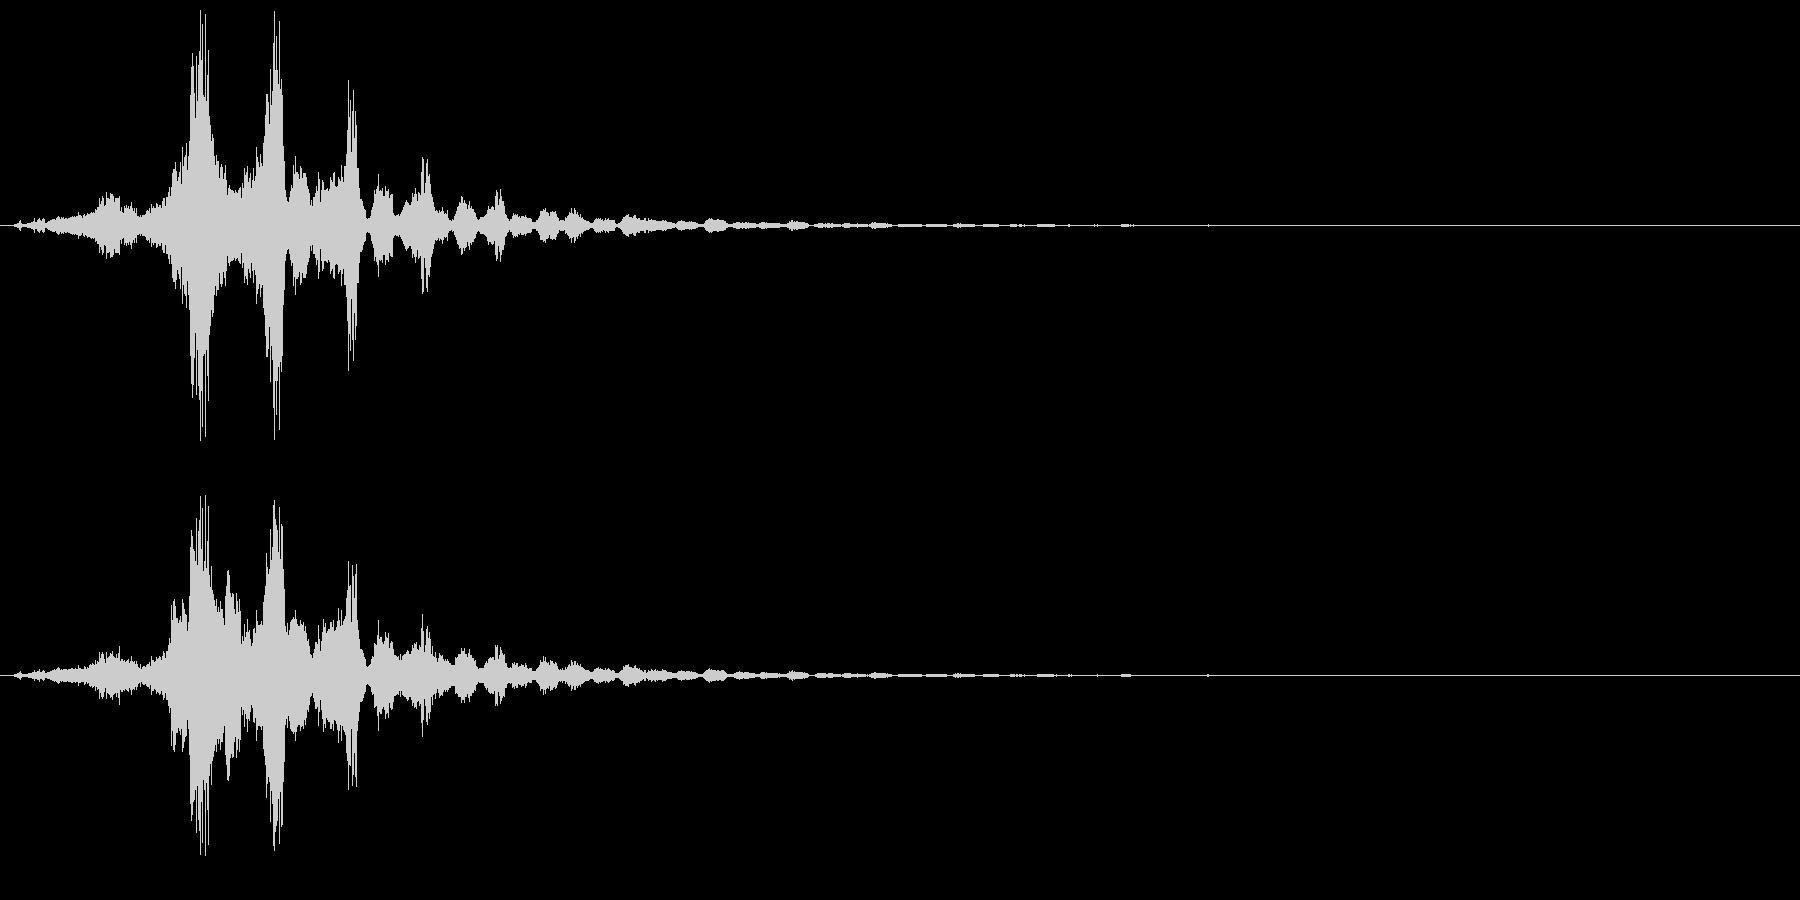 シュイッ+キラキラ(キラキラ系、魔法)の未再生の波形